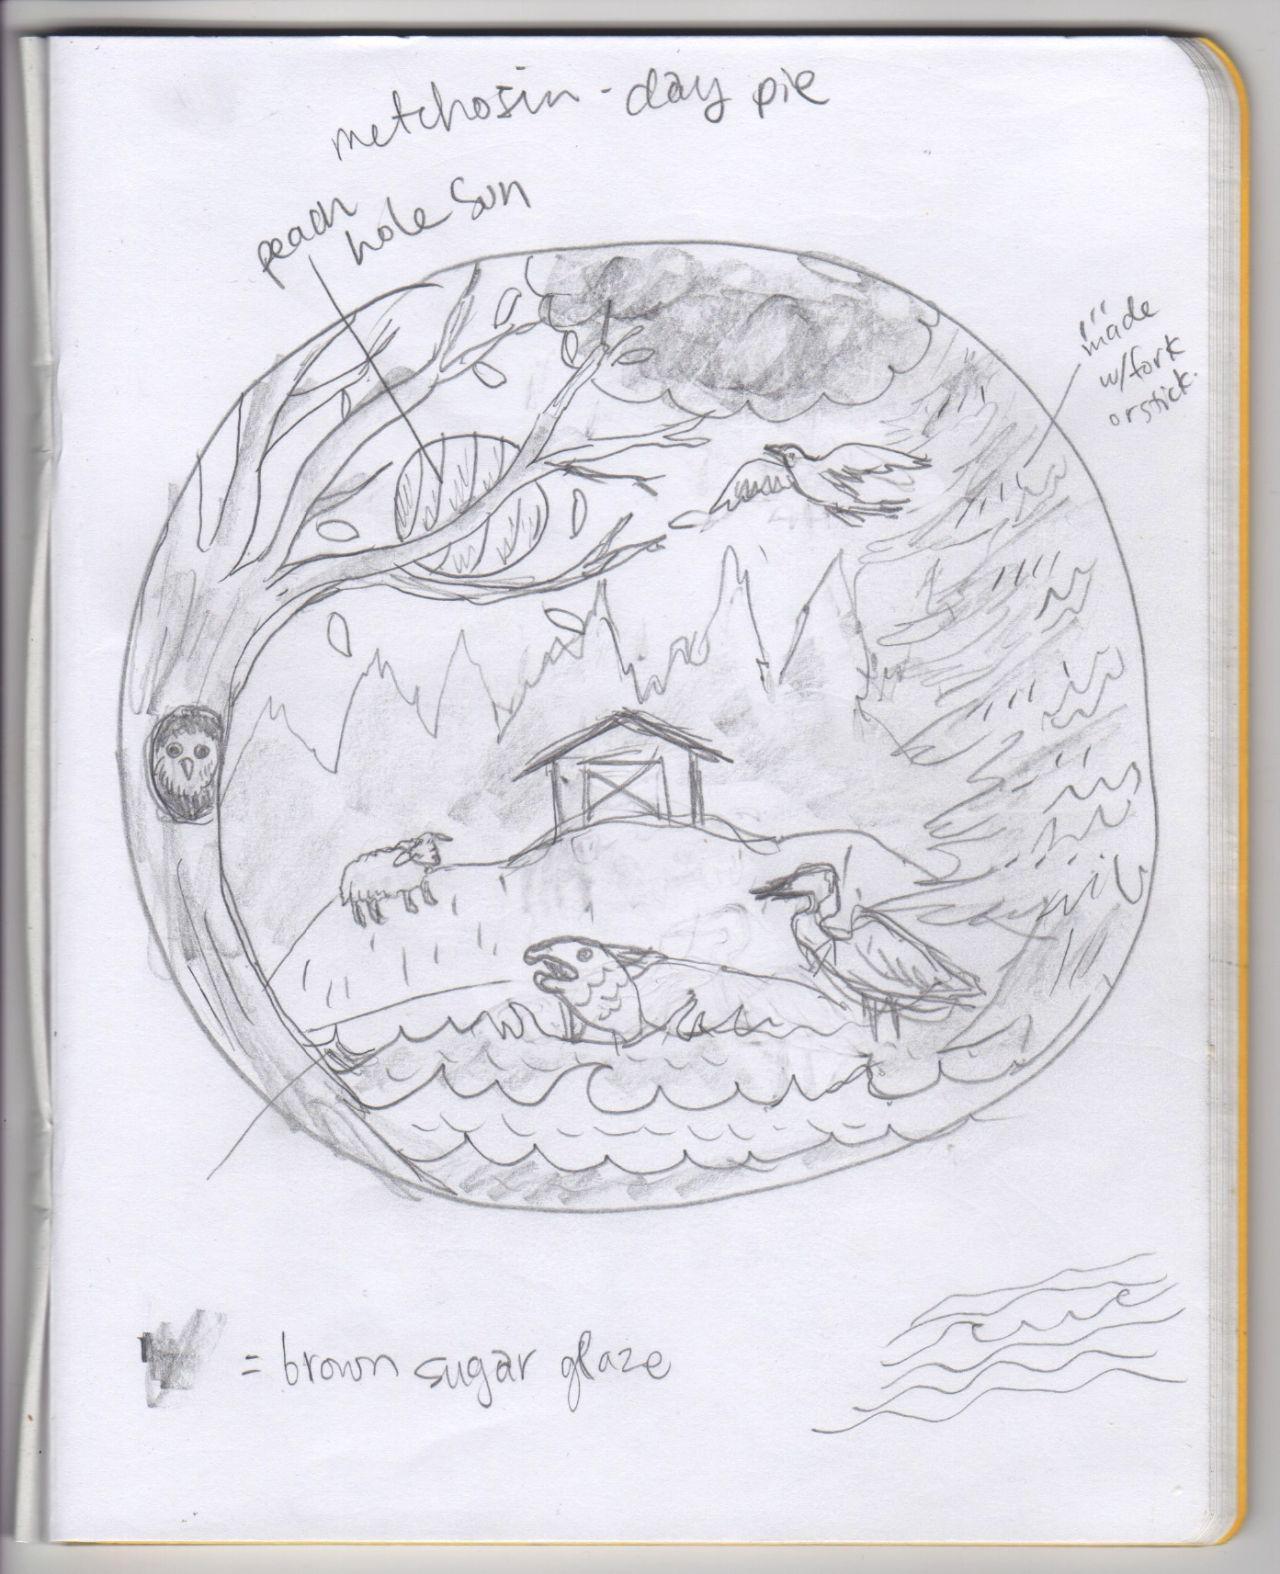 metch pie sketch